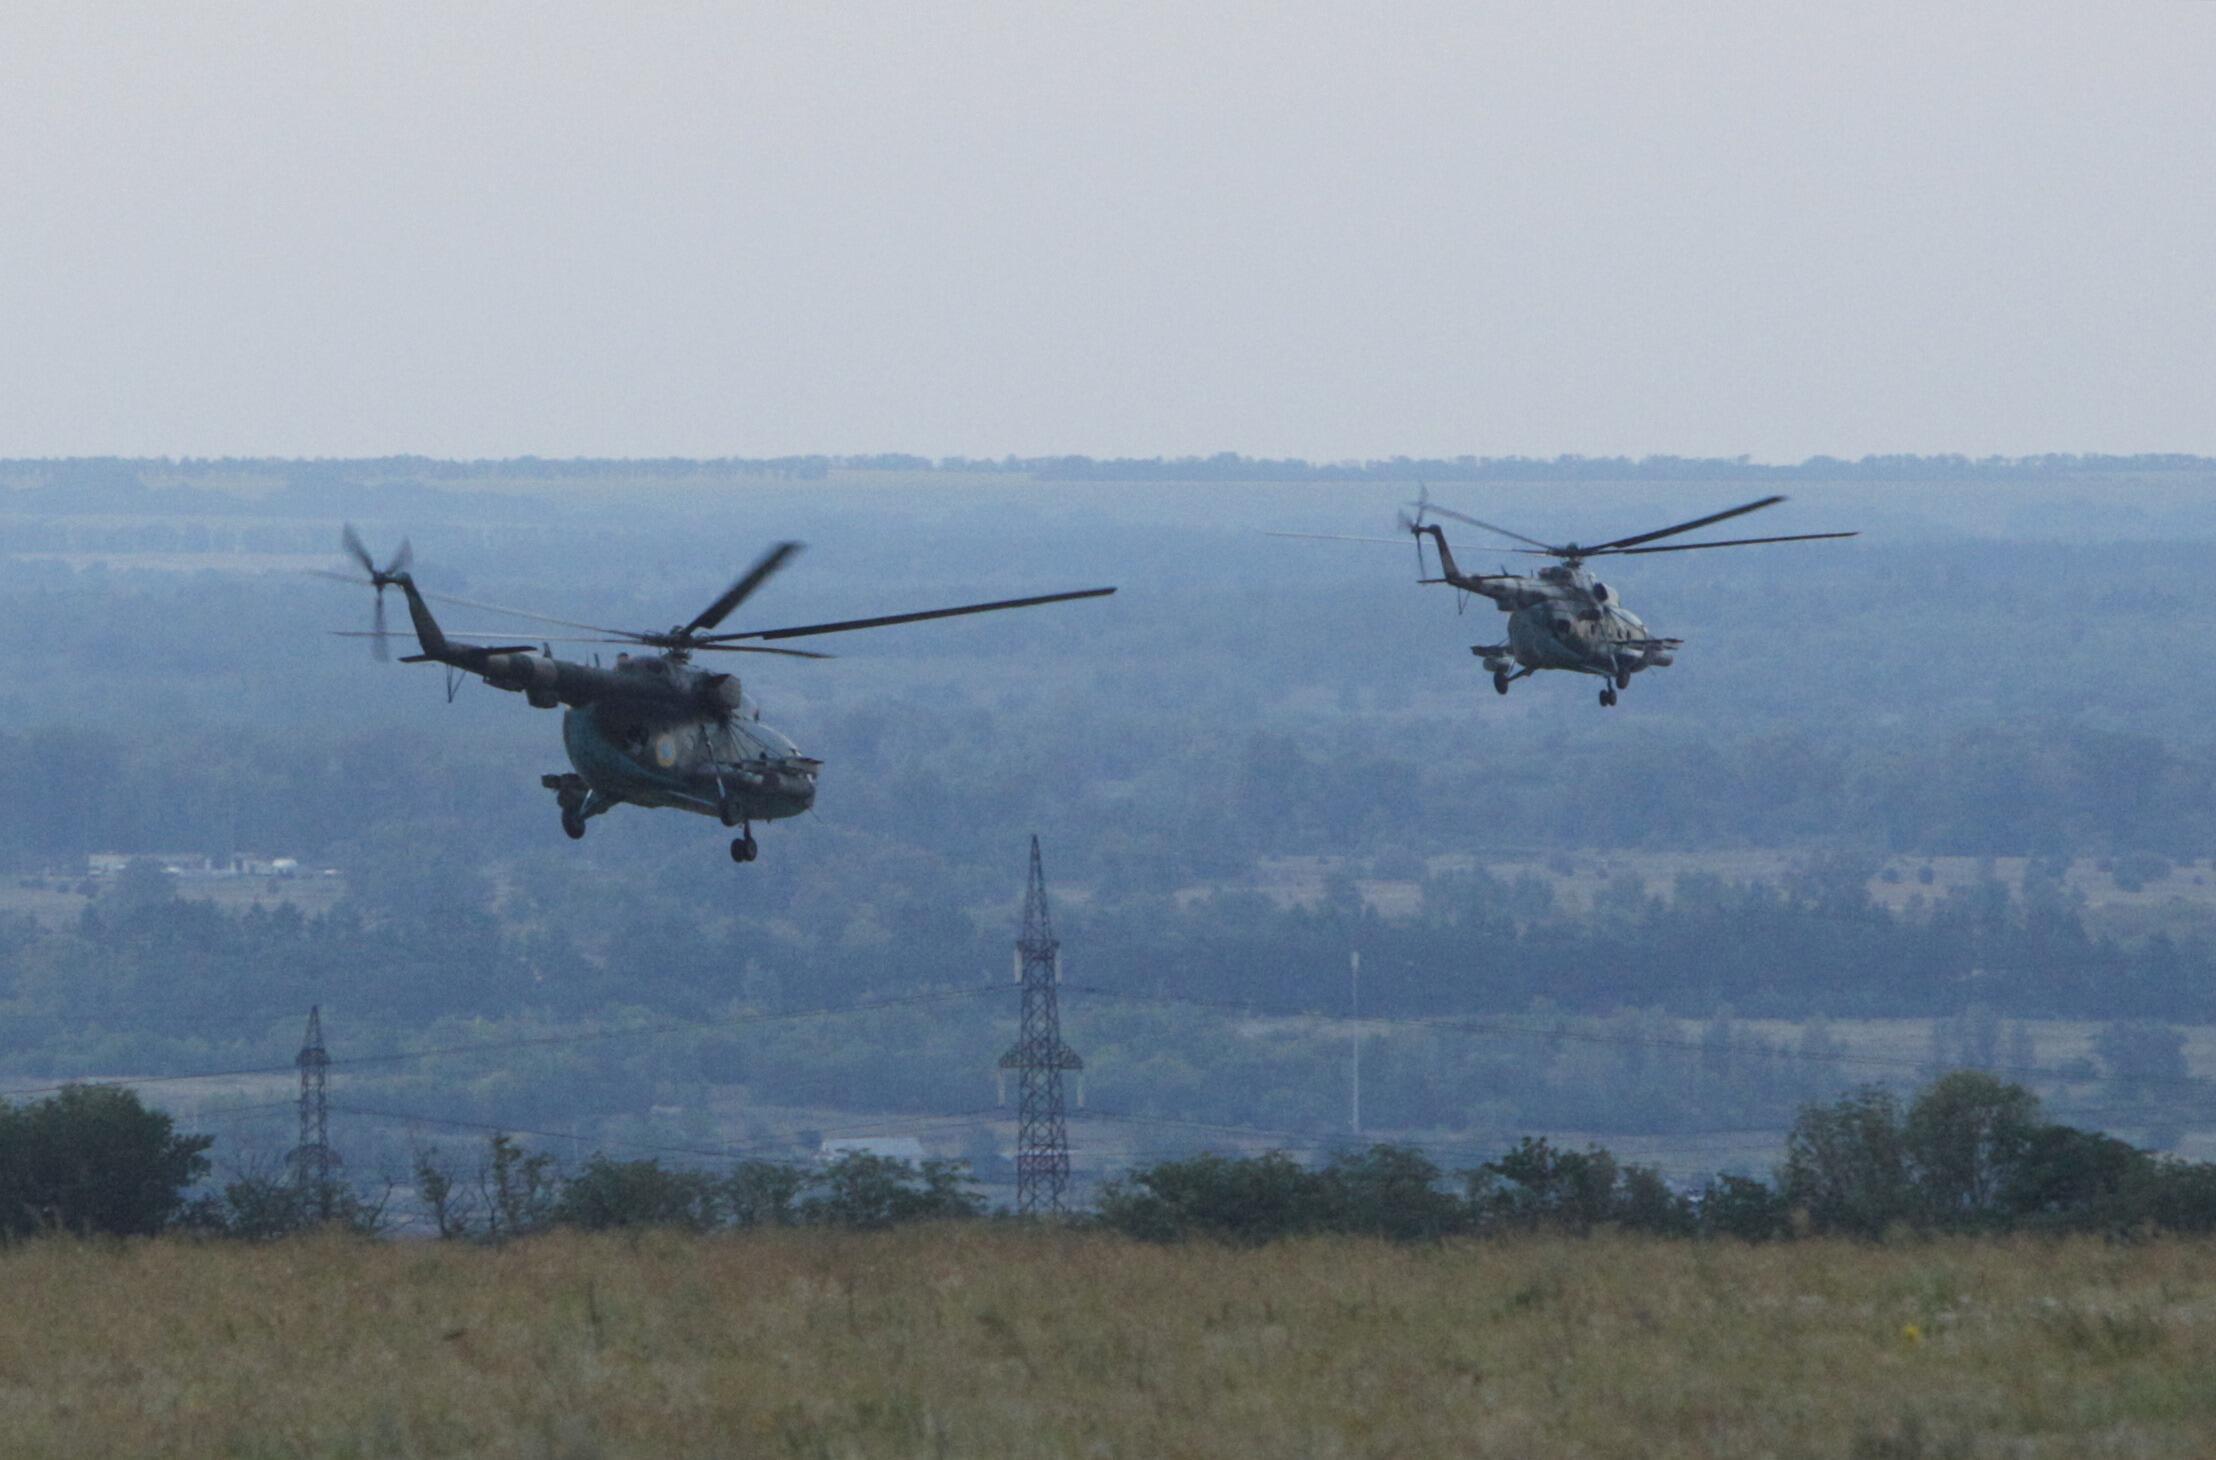 """Trực thăng Ukraina trên bầu trời Lugansk: Mỹ tố cáo Nga """"can dự"""" vào các cuộc đụng độ quân sự tại miền đông Ukraina - REUTERS"""